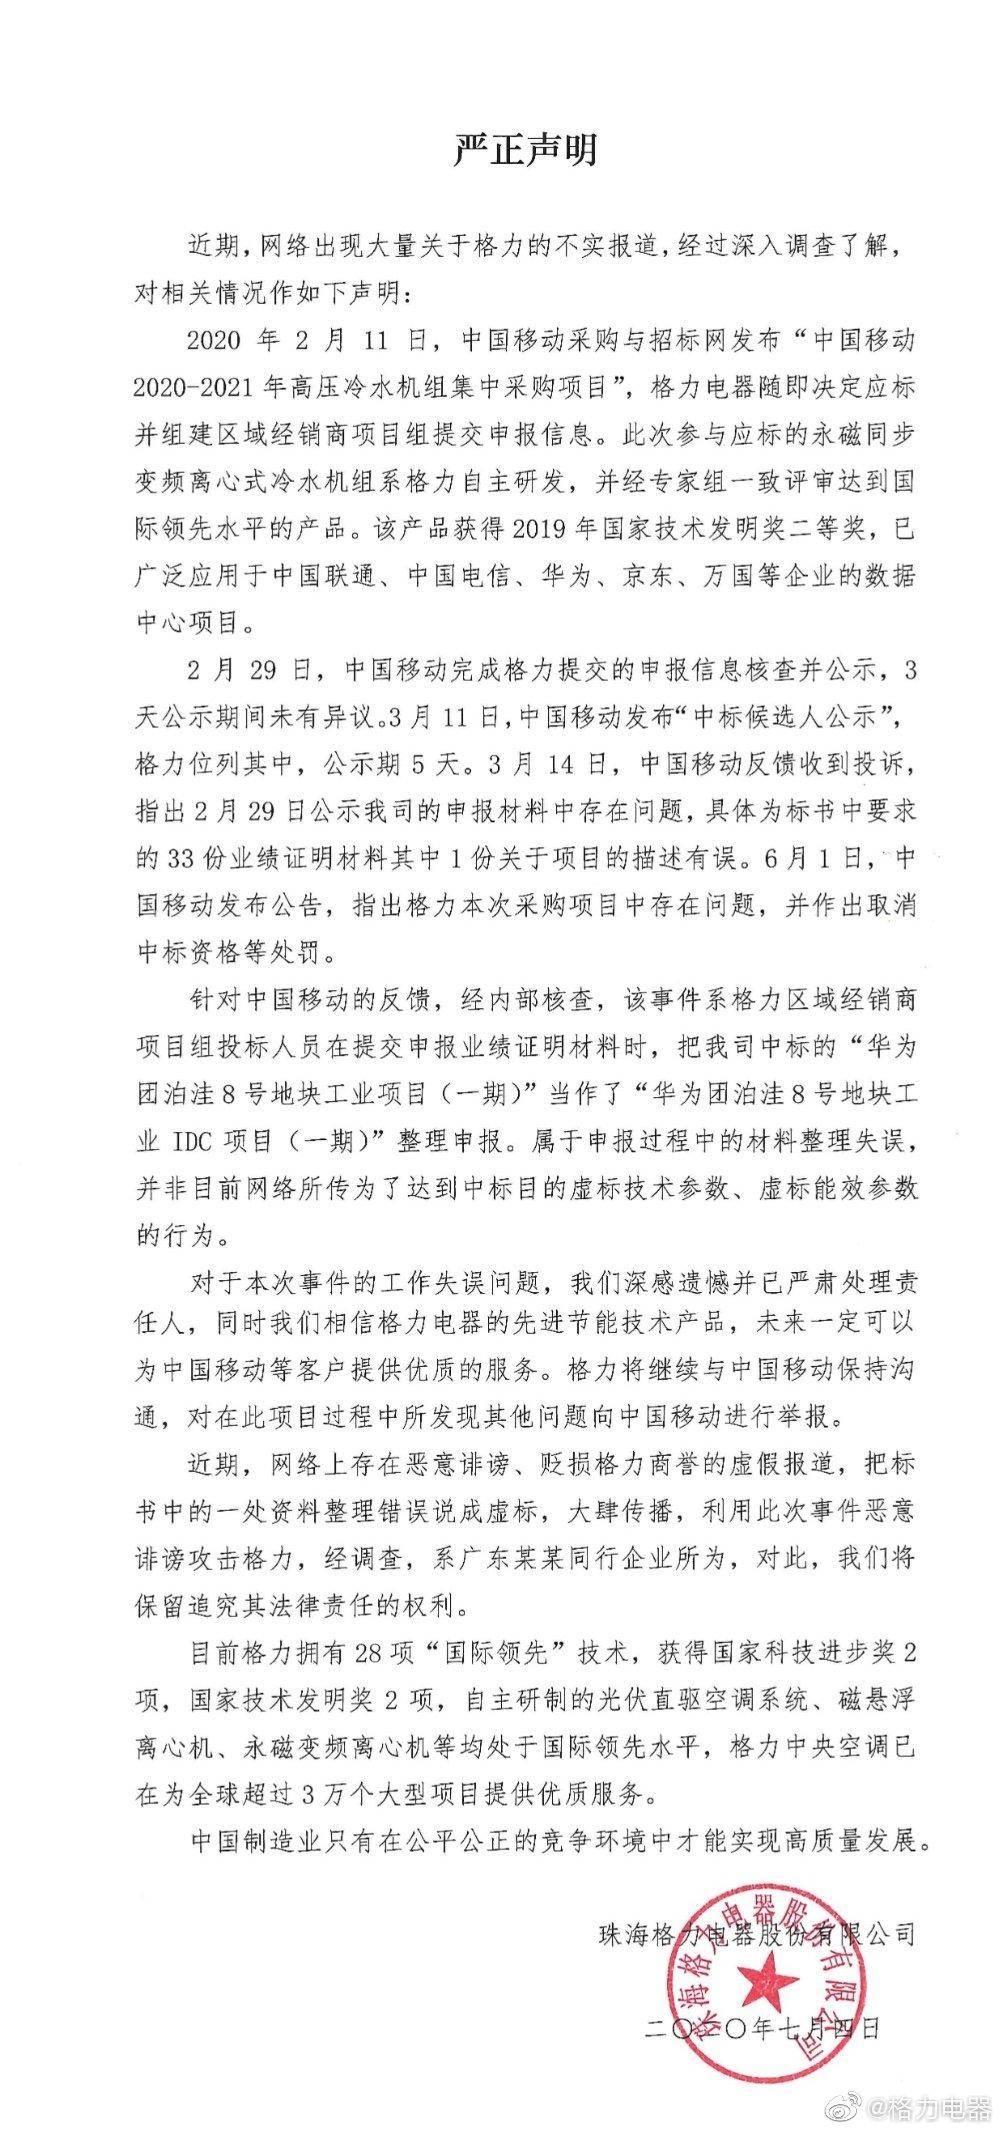 格力电器被中国移动取消中标资格遭热议 格力为什么会被移动取消资格